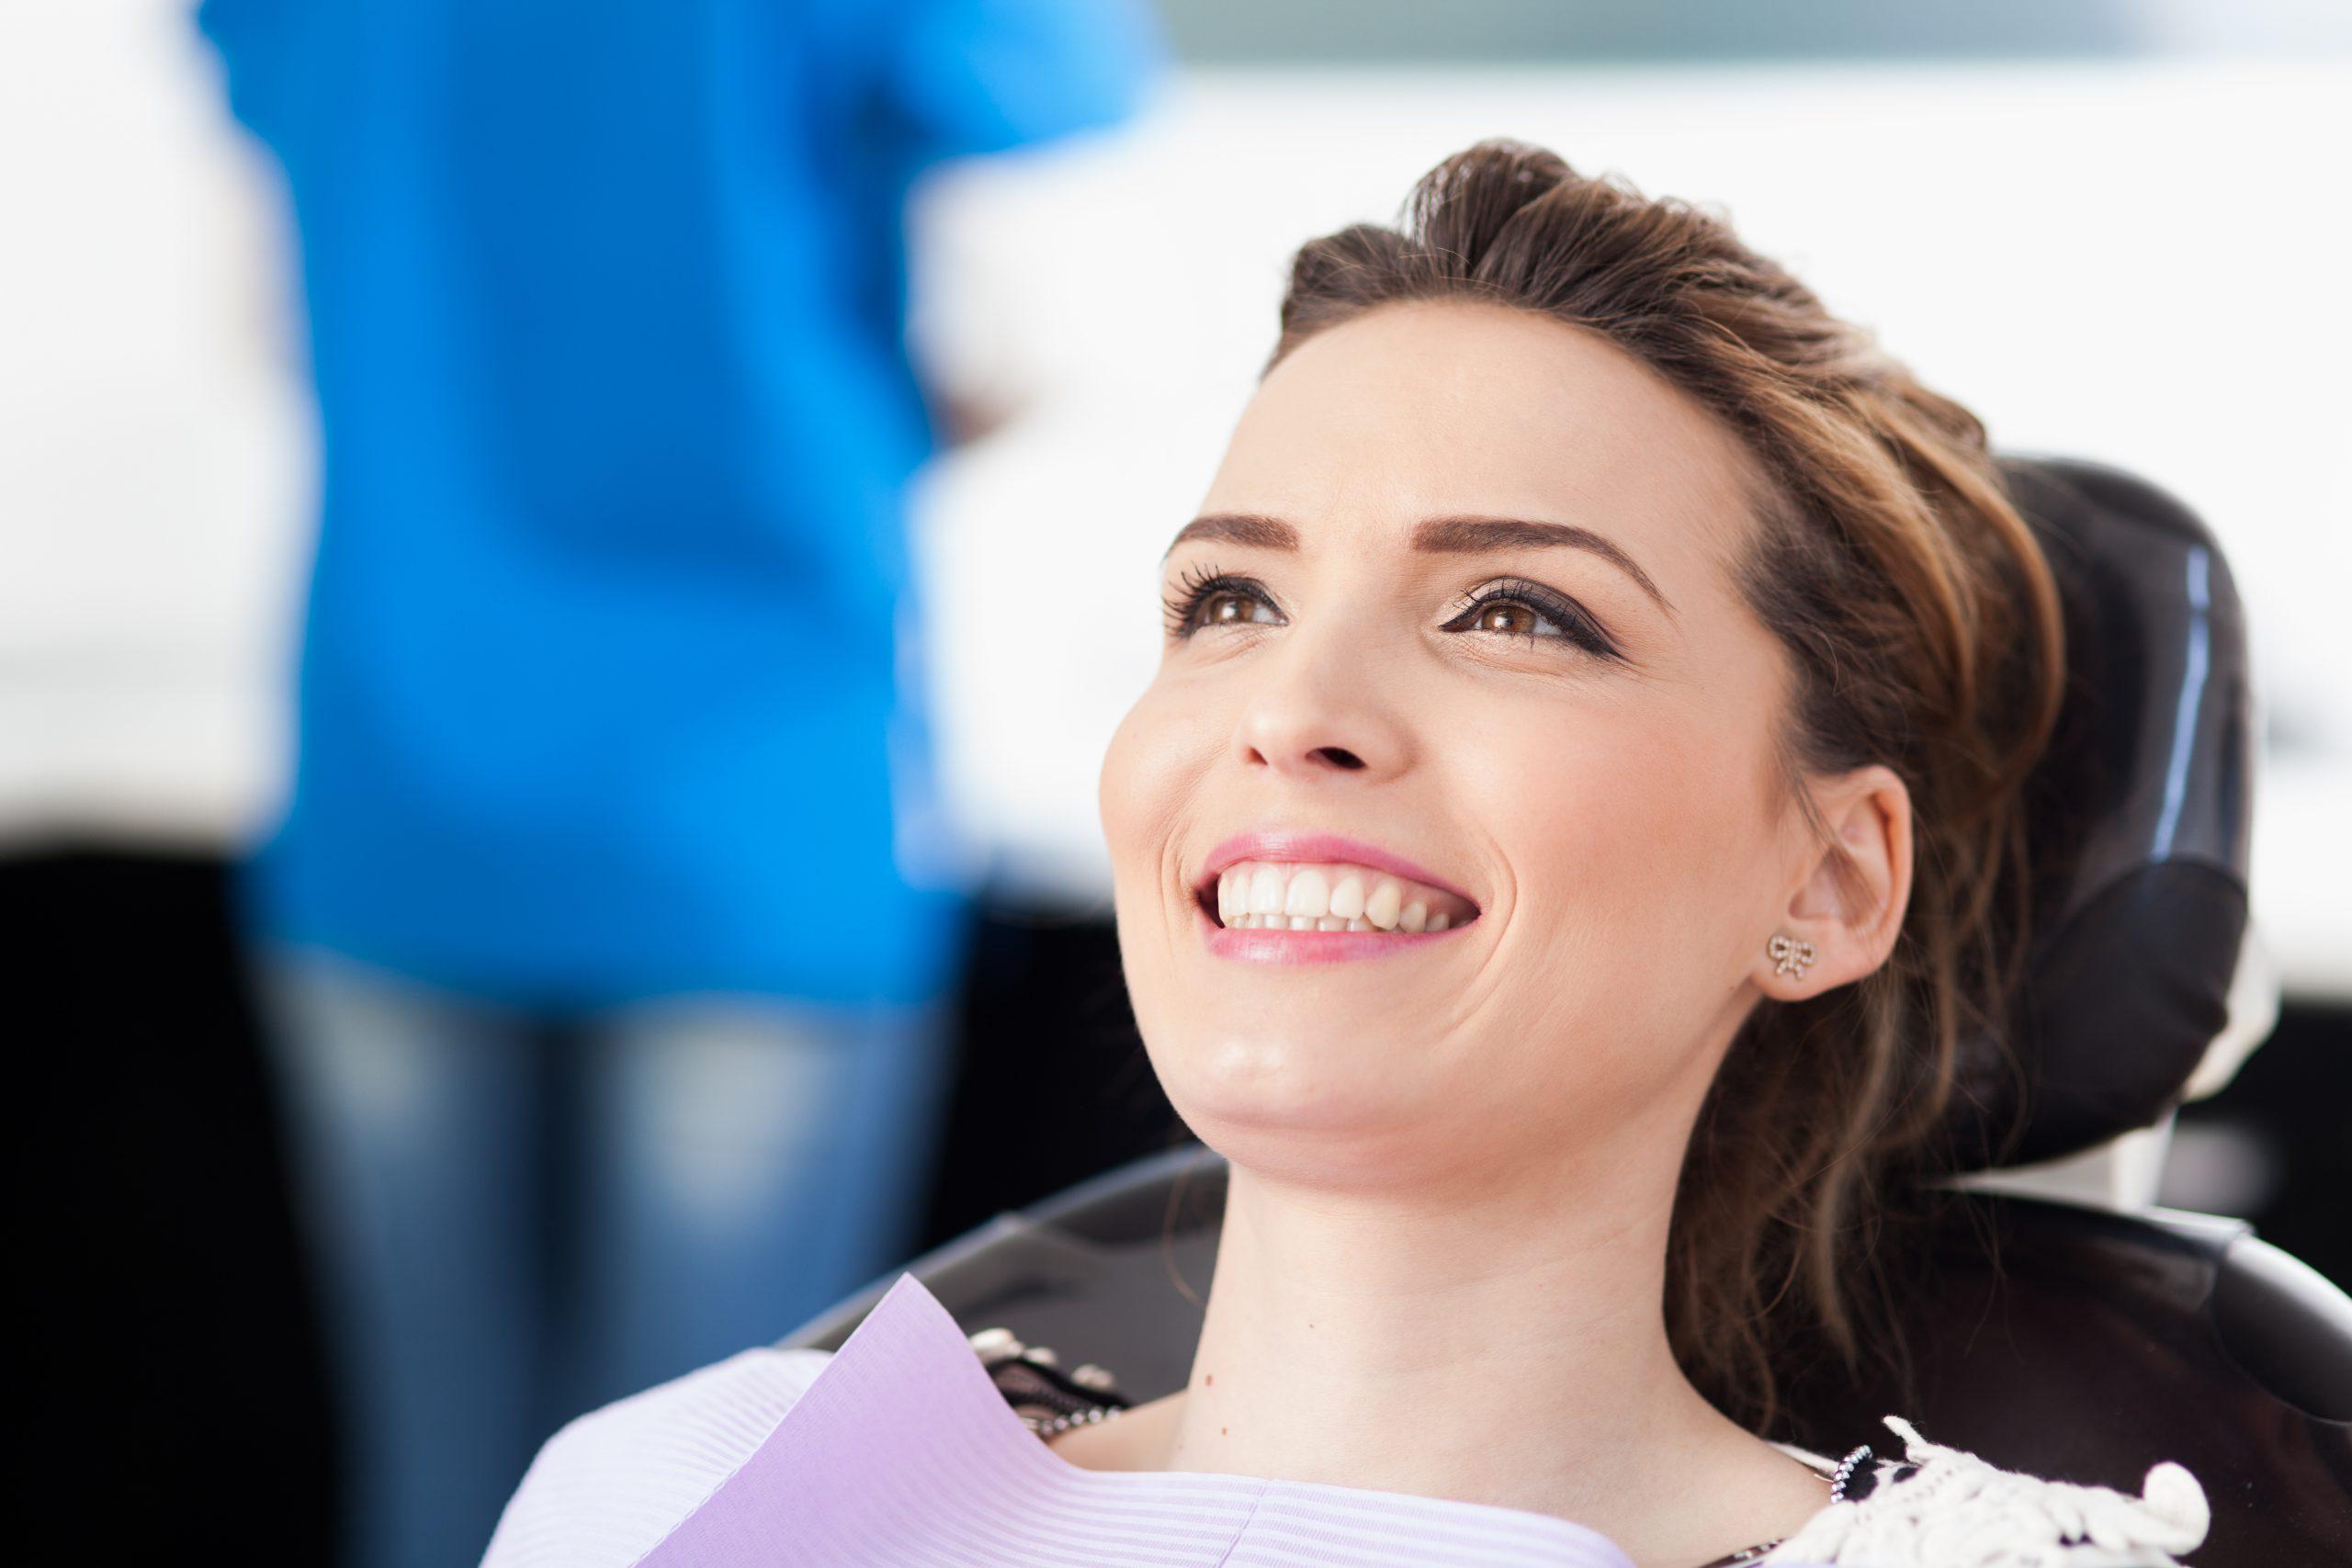 Zahnarzt Frau in der Behandlung